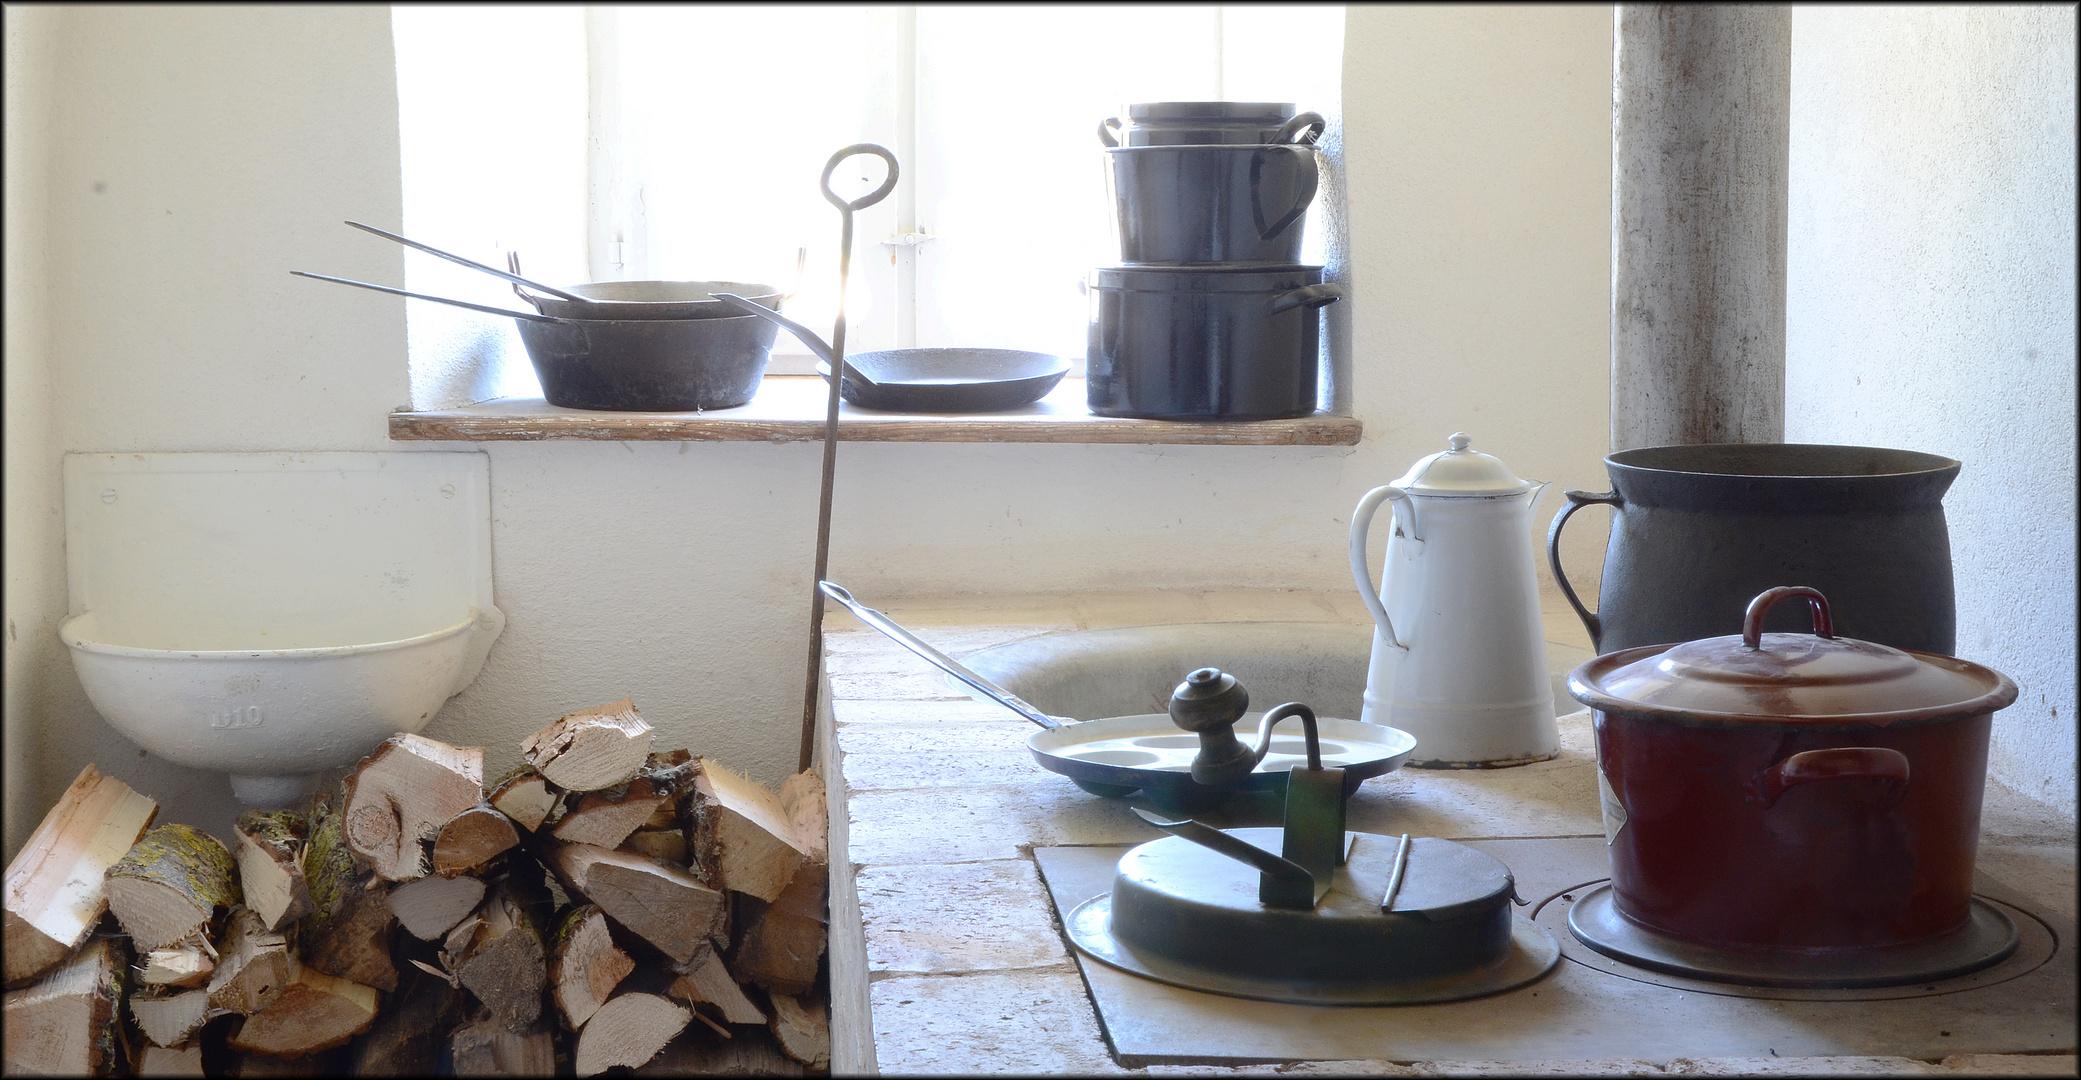 grossmutters k che foto bild kunstfotografie kultur museales museumsd rfer bilder auf. Black Bedroom Furniture Sets. Home Design Ideas